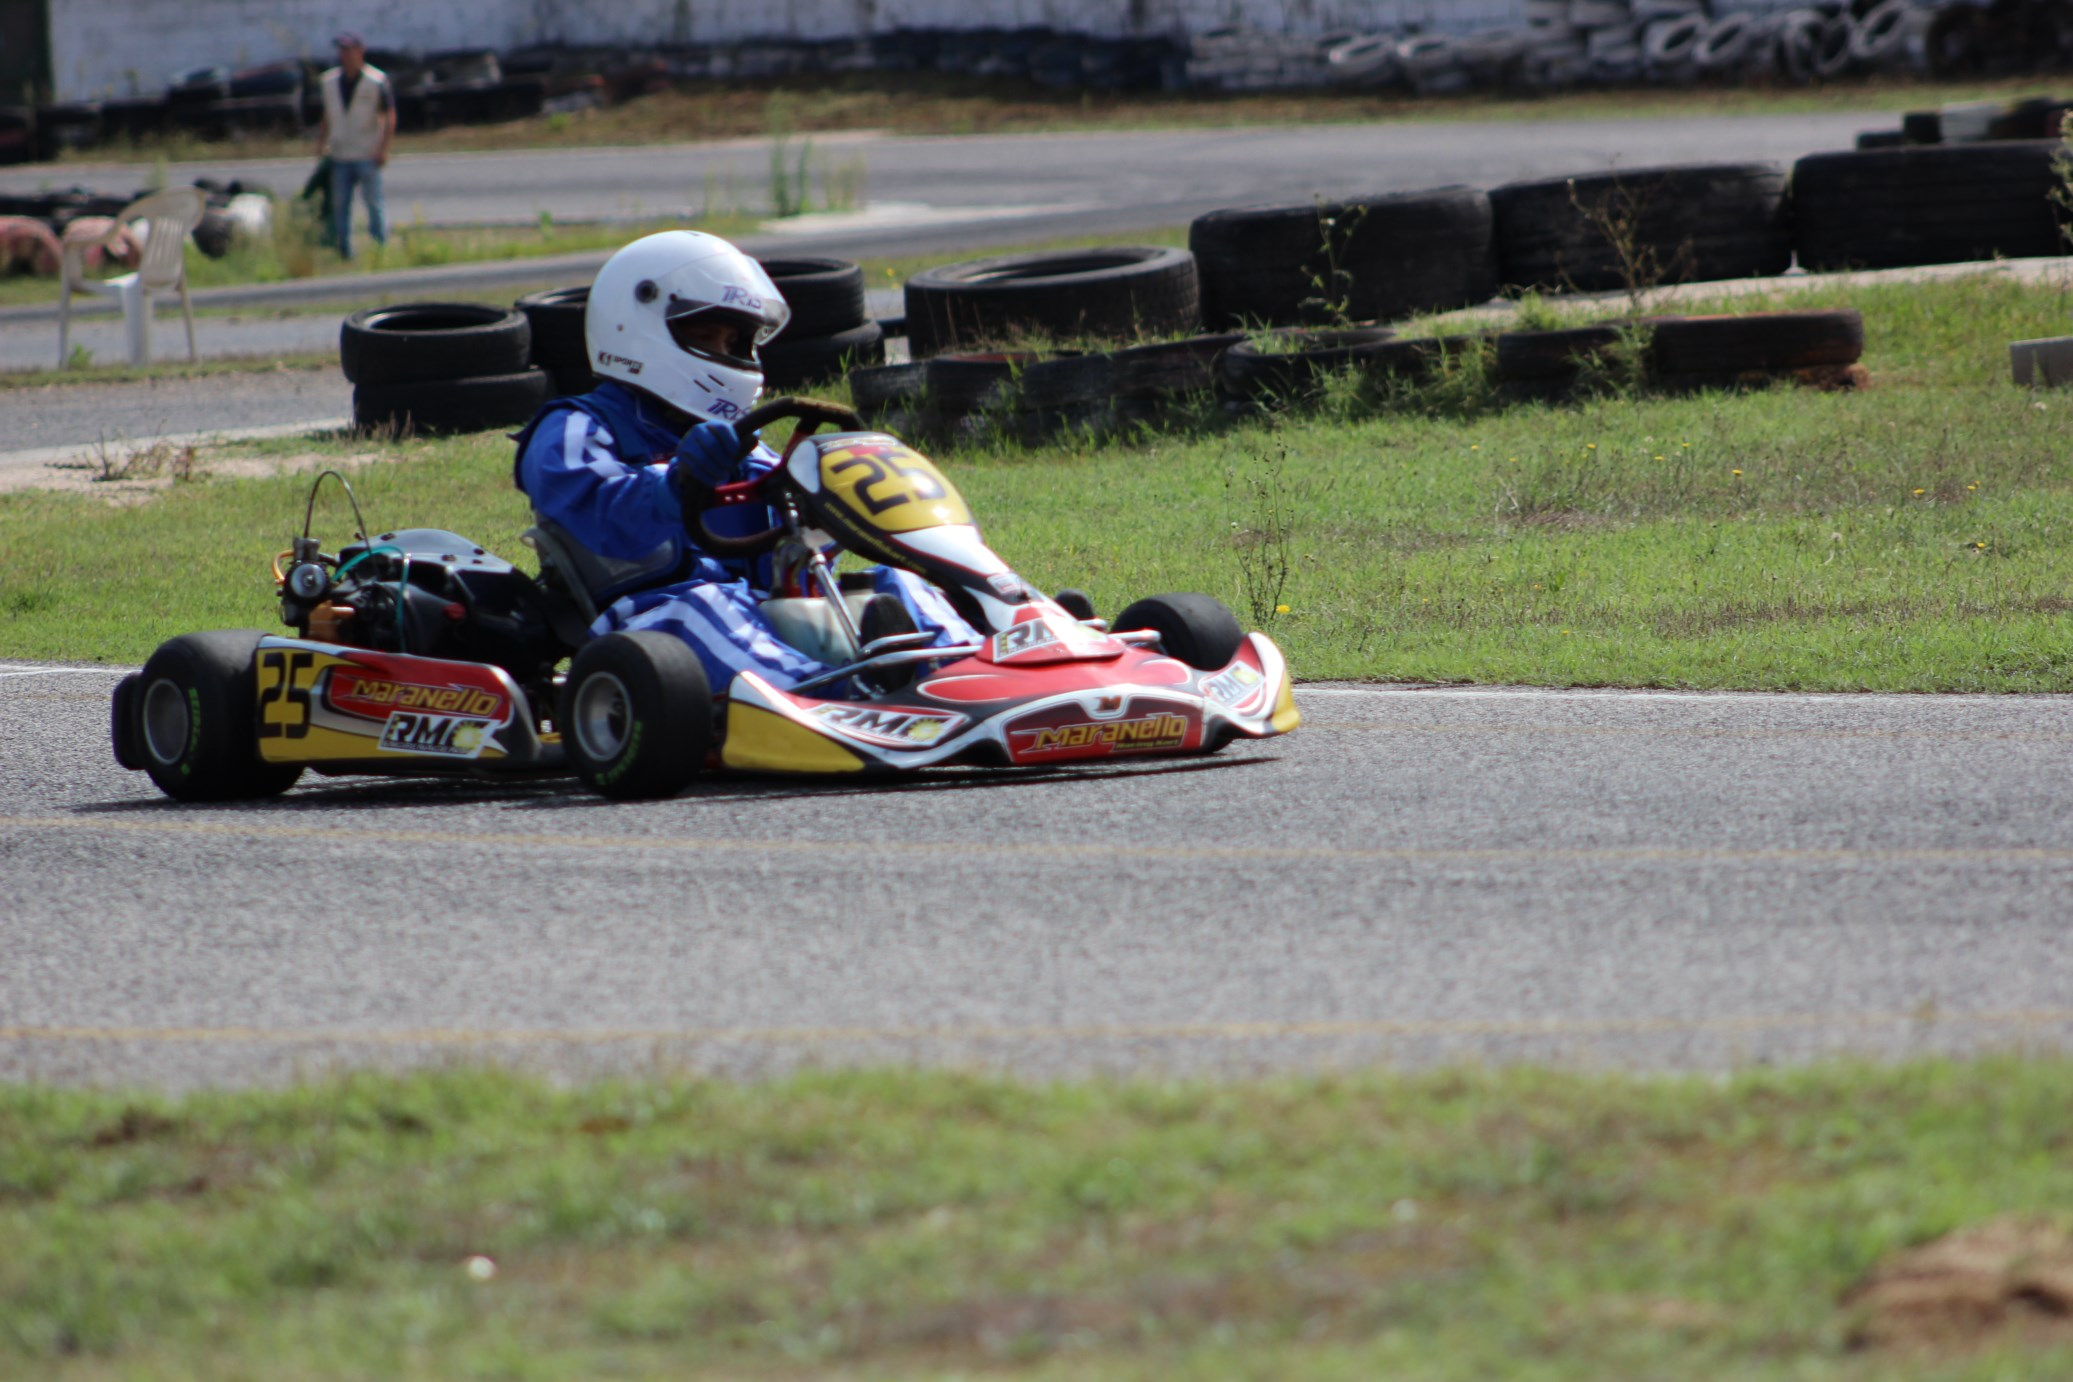 Troféu Honda 2014 - 3ª Prova135